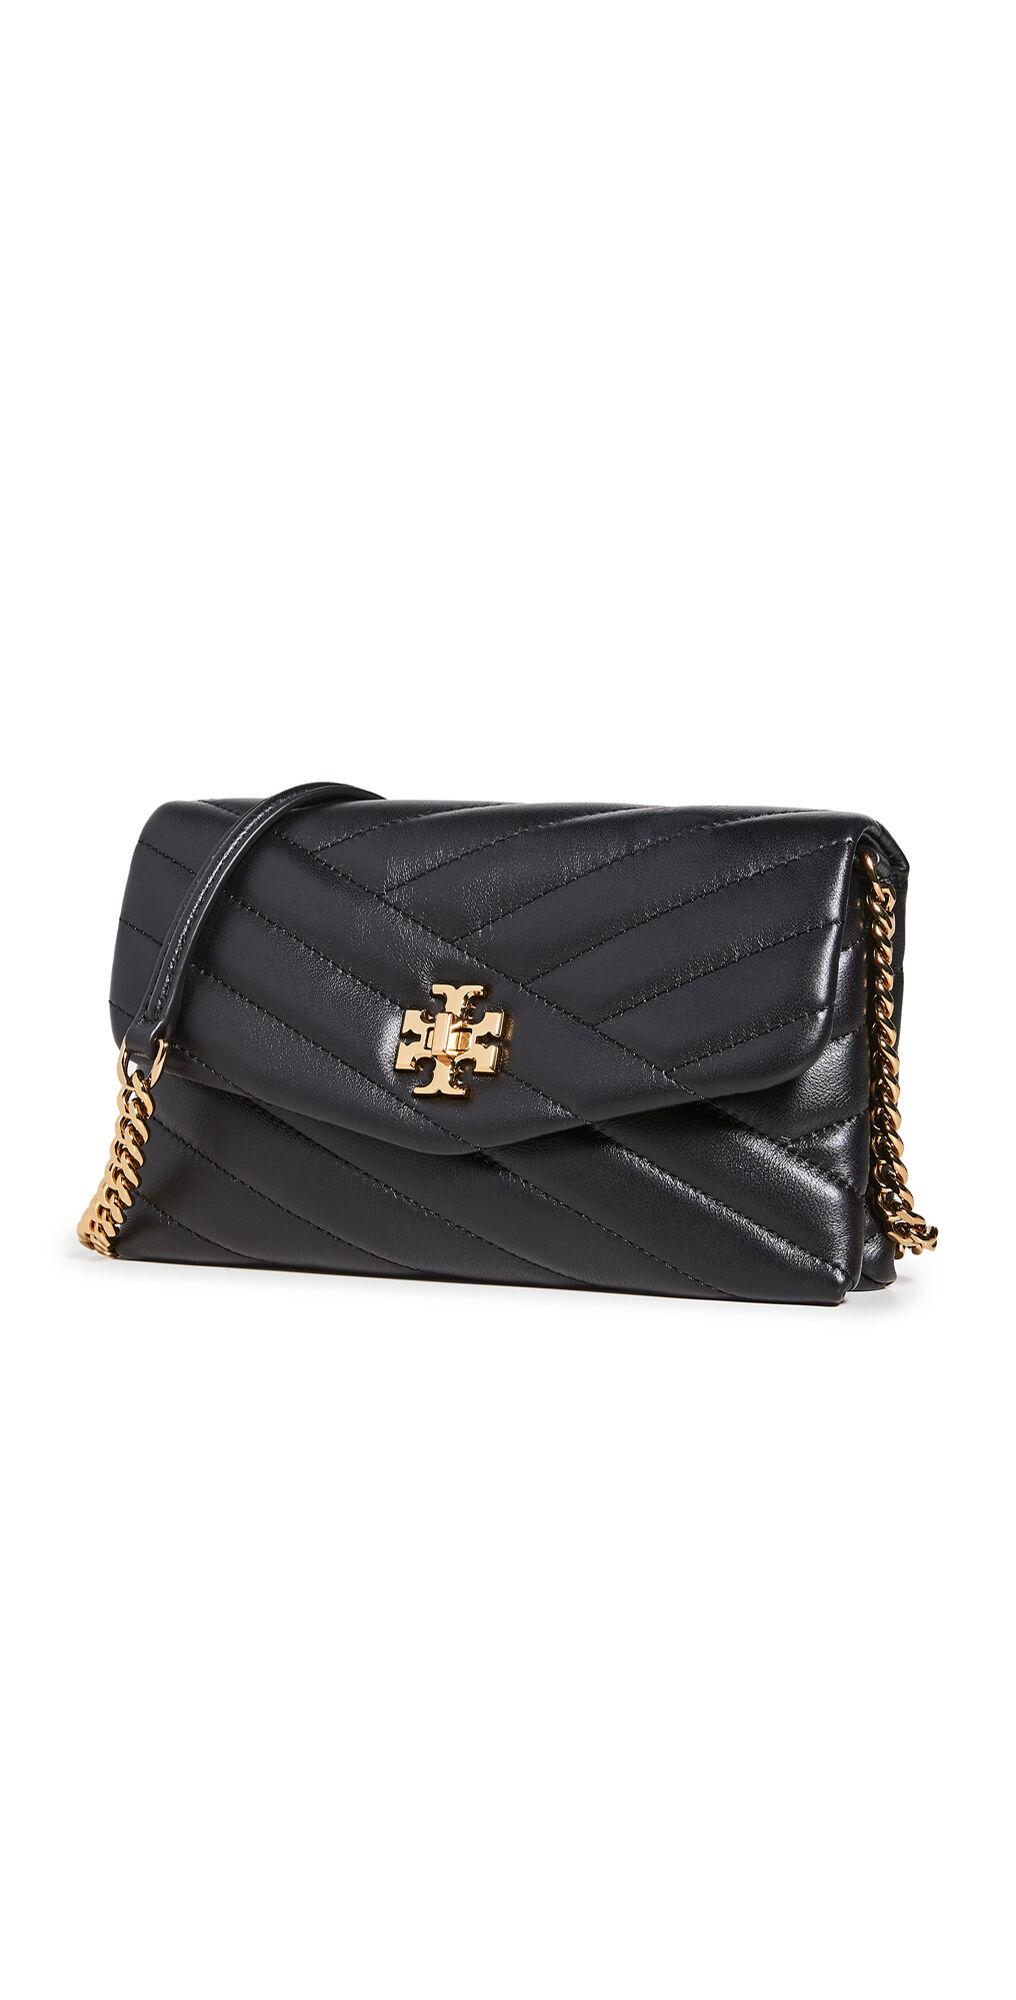 Tory Burch Kira Chevron Chain Wallet Bag  - Size: One Size